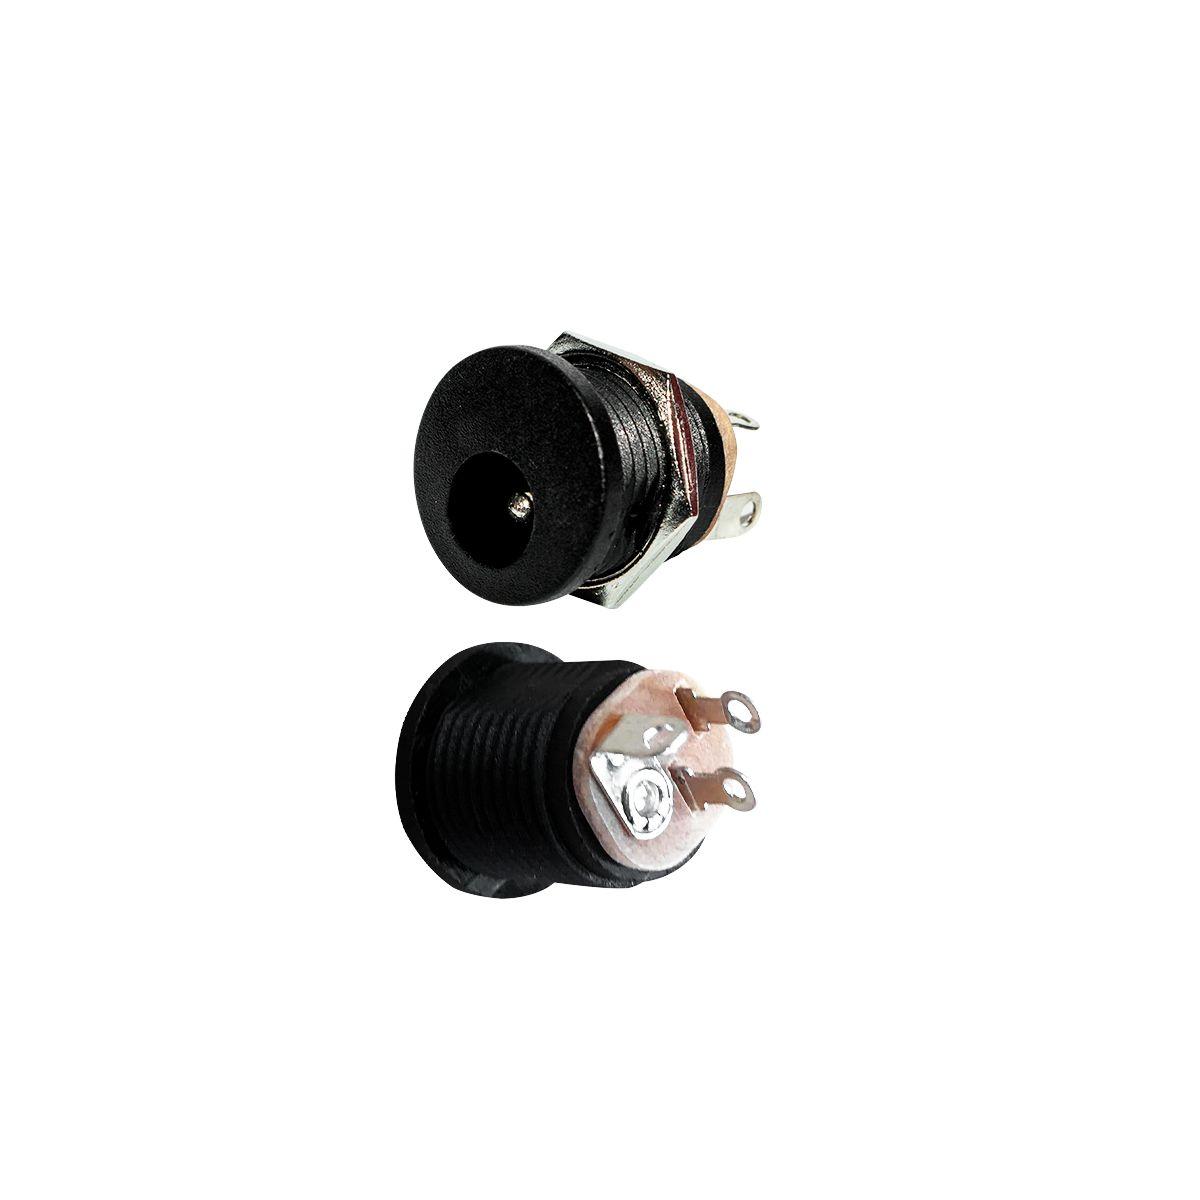 Kit 15 Unidades Conector Energia Pulverizador Elétrico 5/8/10L e Lavadoras